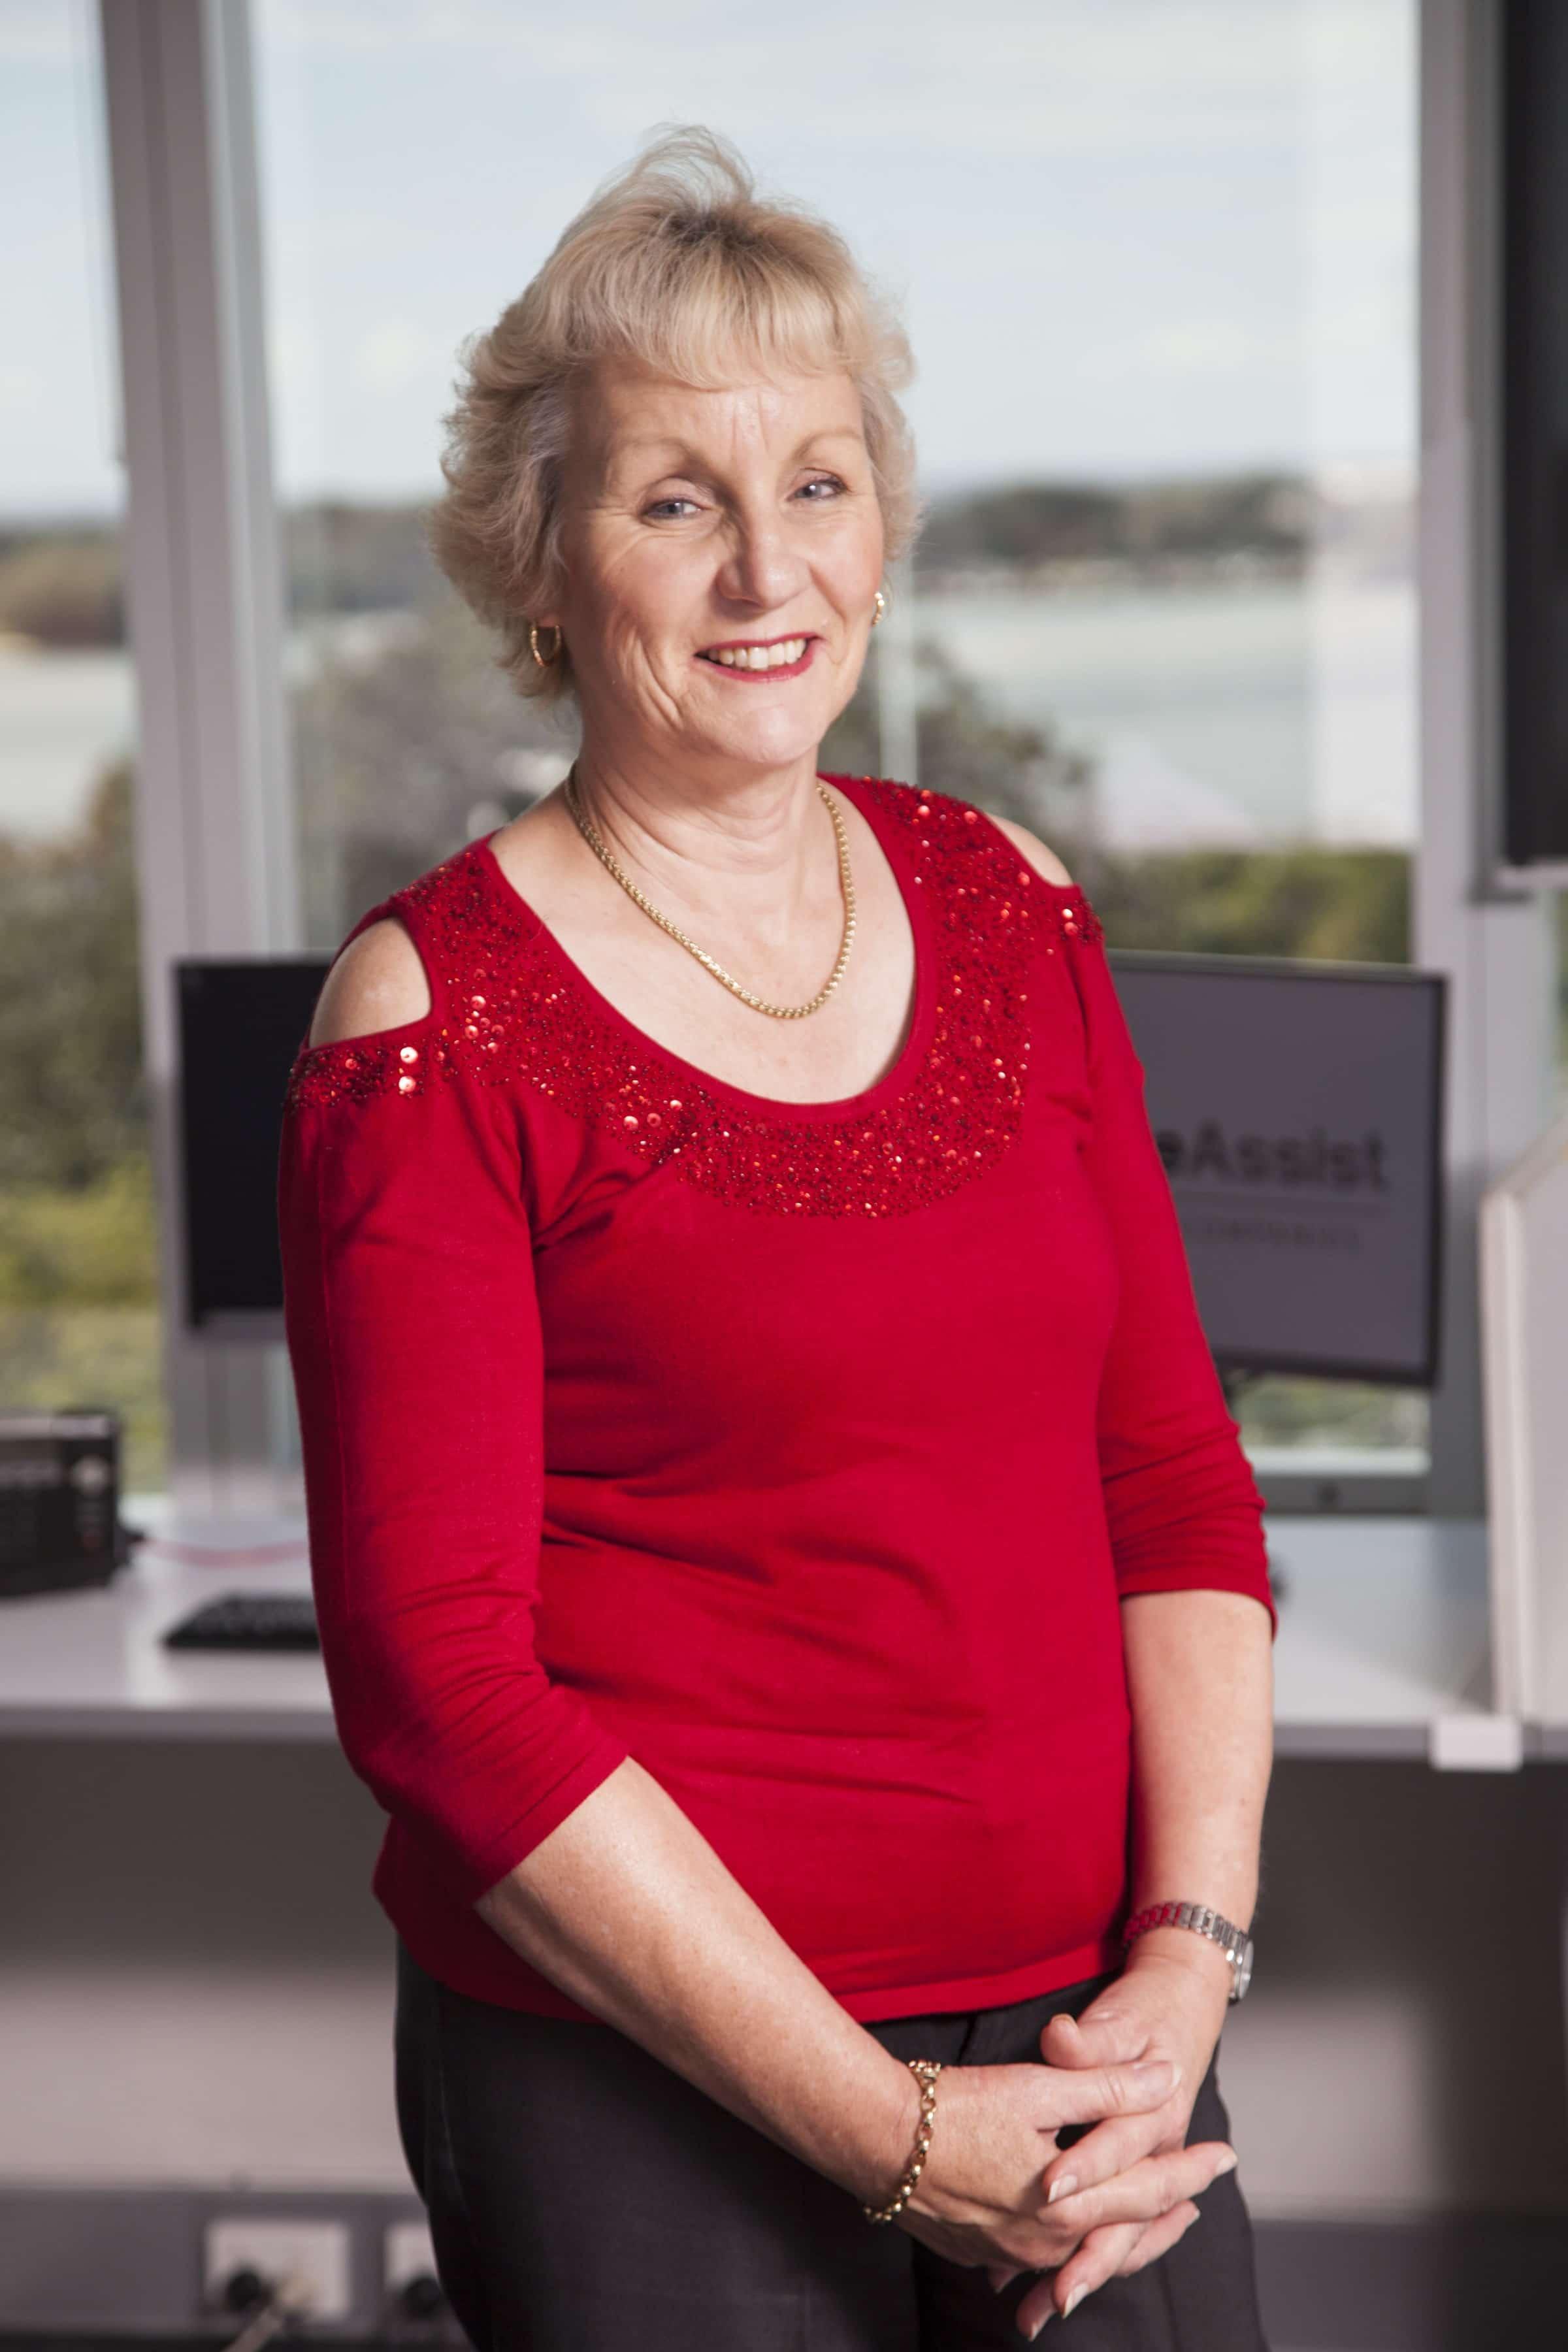 Debbie Allardyce